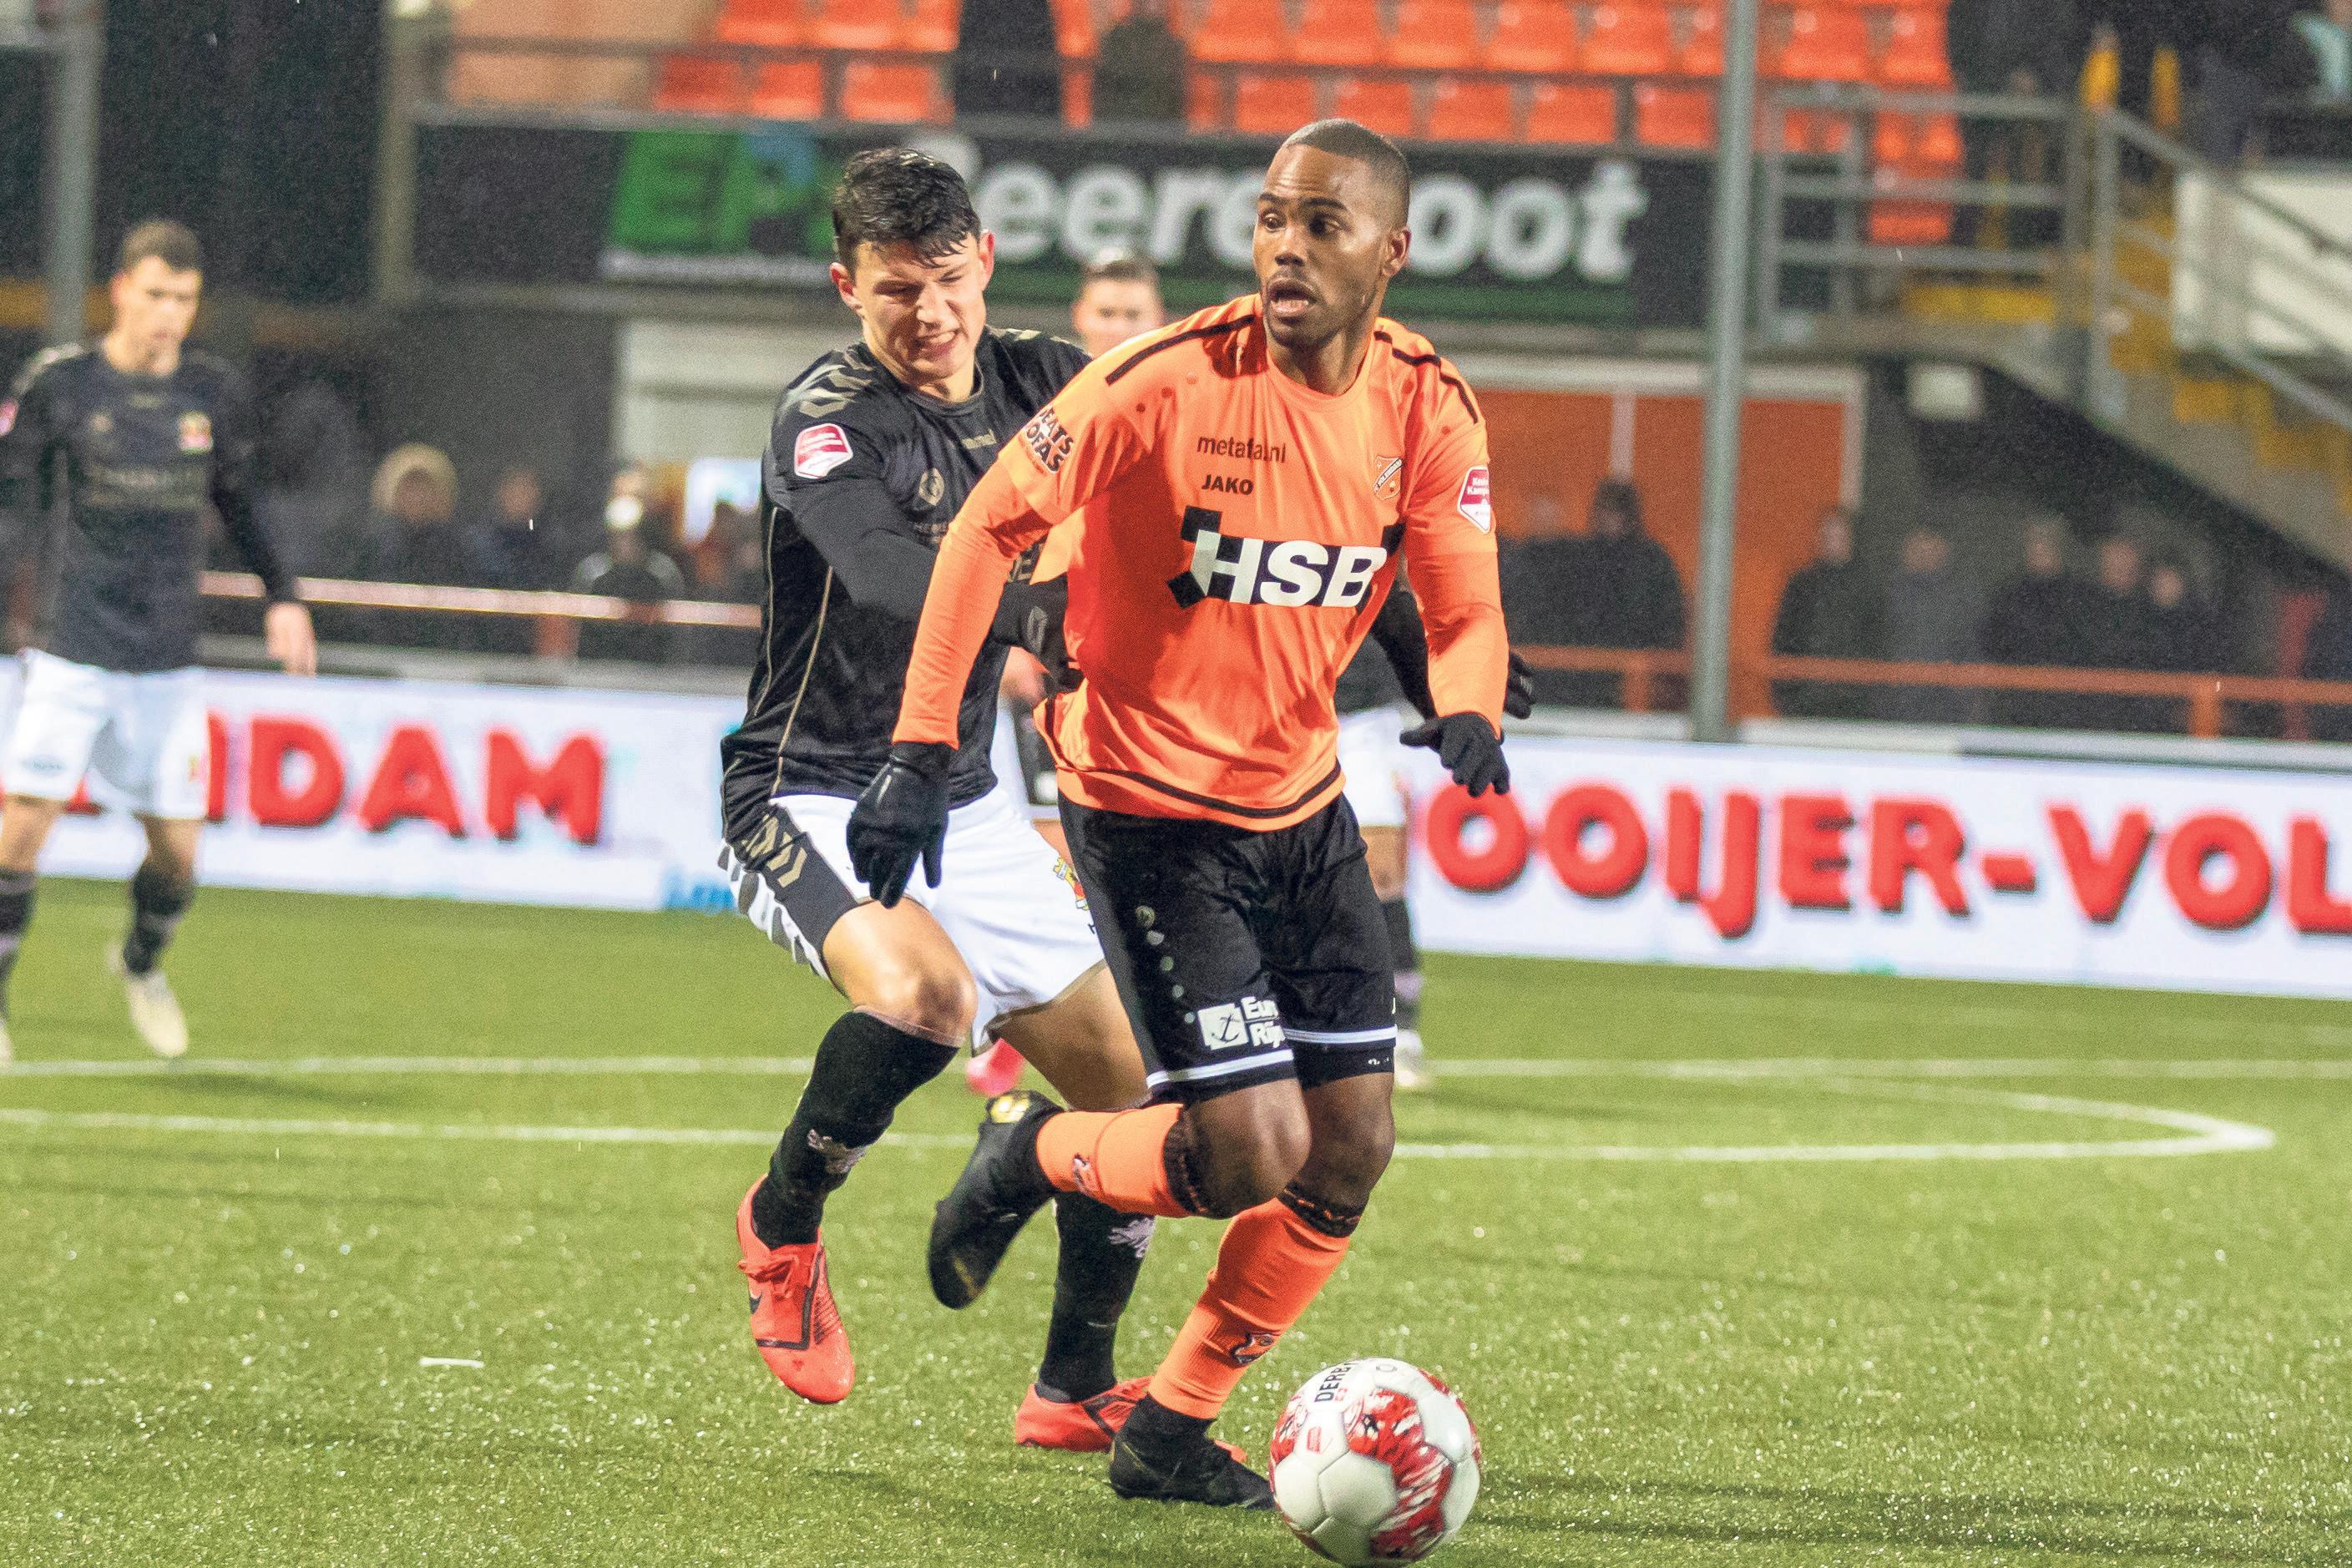 FC Volendam doet voorstel aan KNVB. NAC, FC Volendam en RKC moeten loten om plek in eredivisie voetbal. 'Een aanvaardbaar sportief alternatief', vindt Keje Molenaar